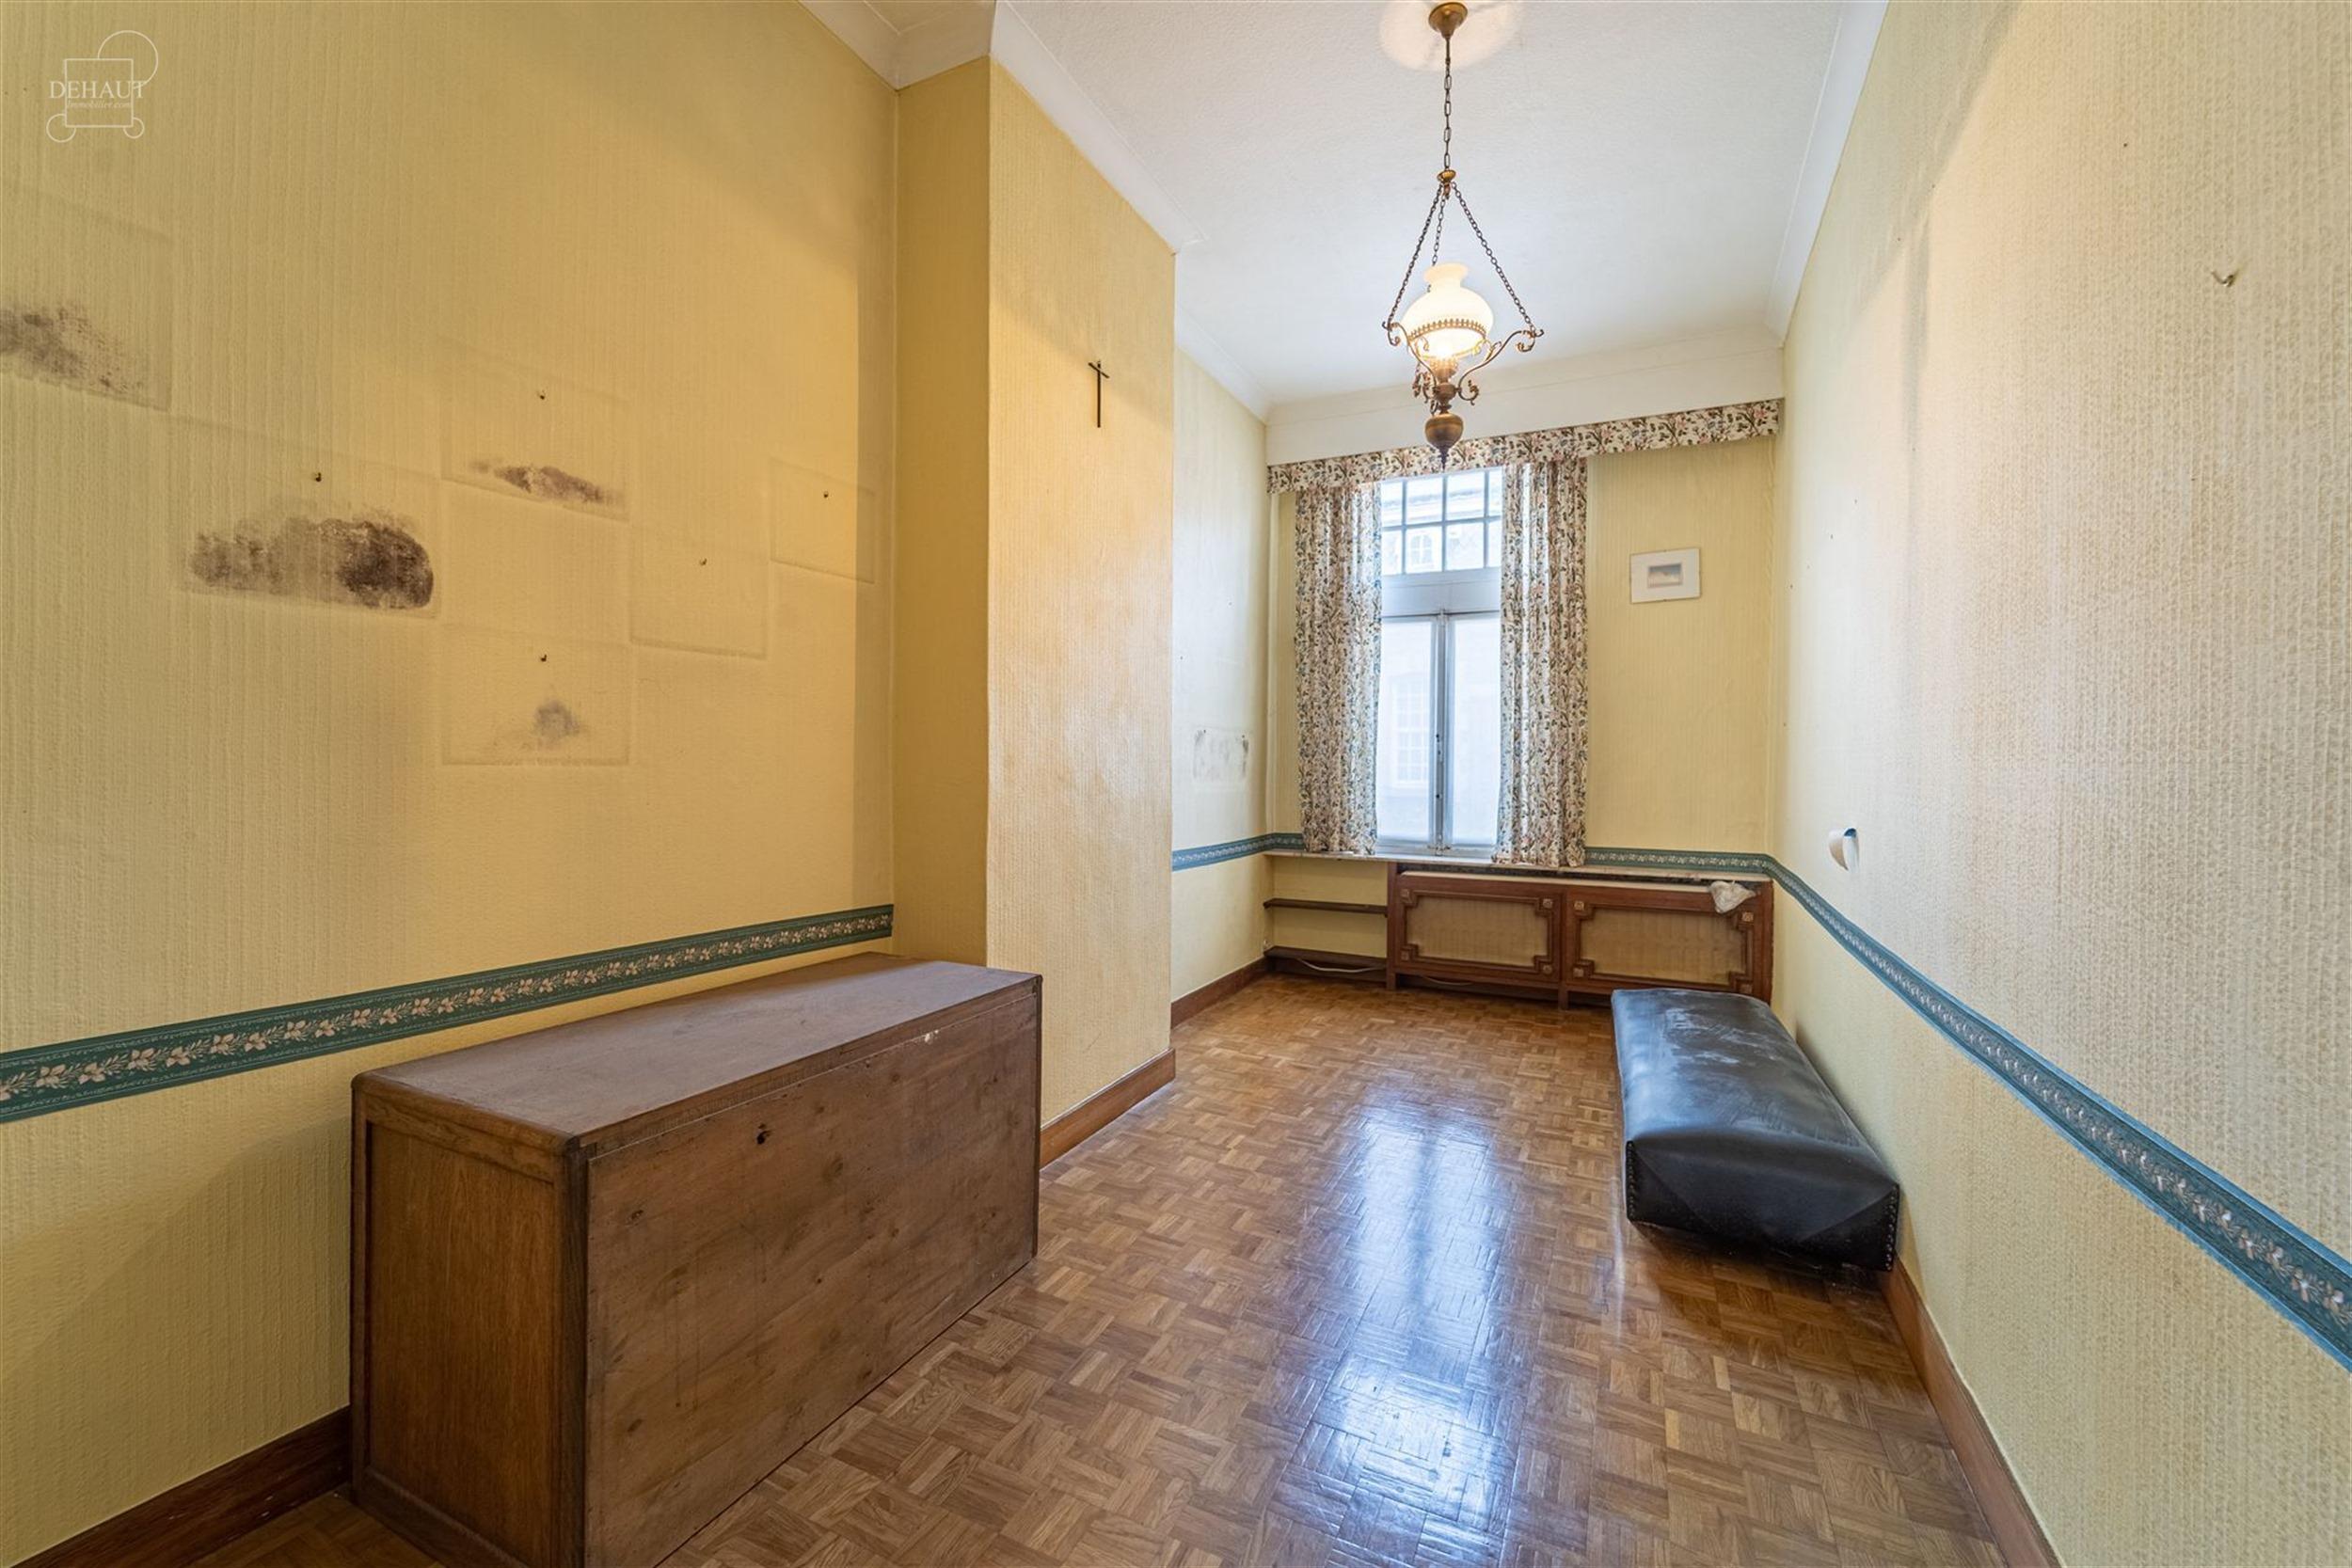 Ensemble immobilier situé au coeur de la Ville de Comines. Comprend une magnifique maison bourgeoise 3 façades d'env. 274m² de superficie habitable...